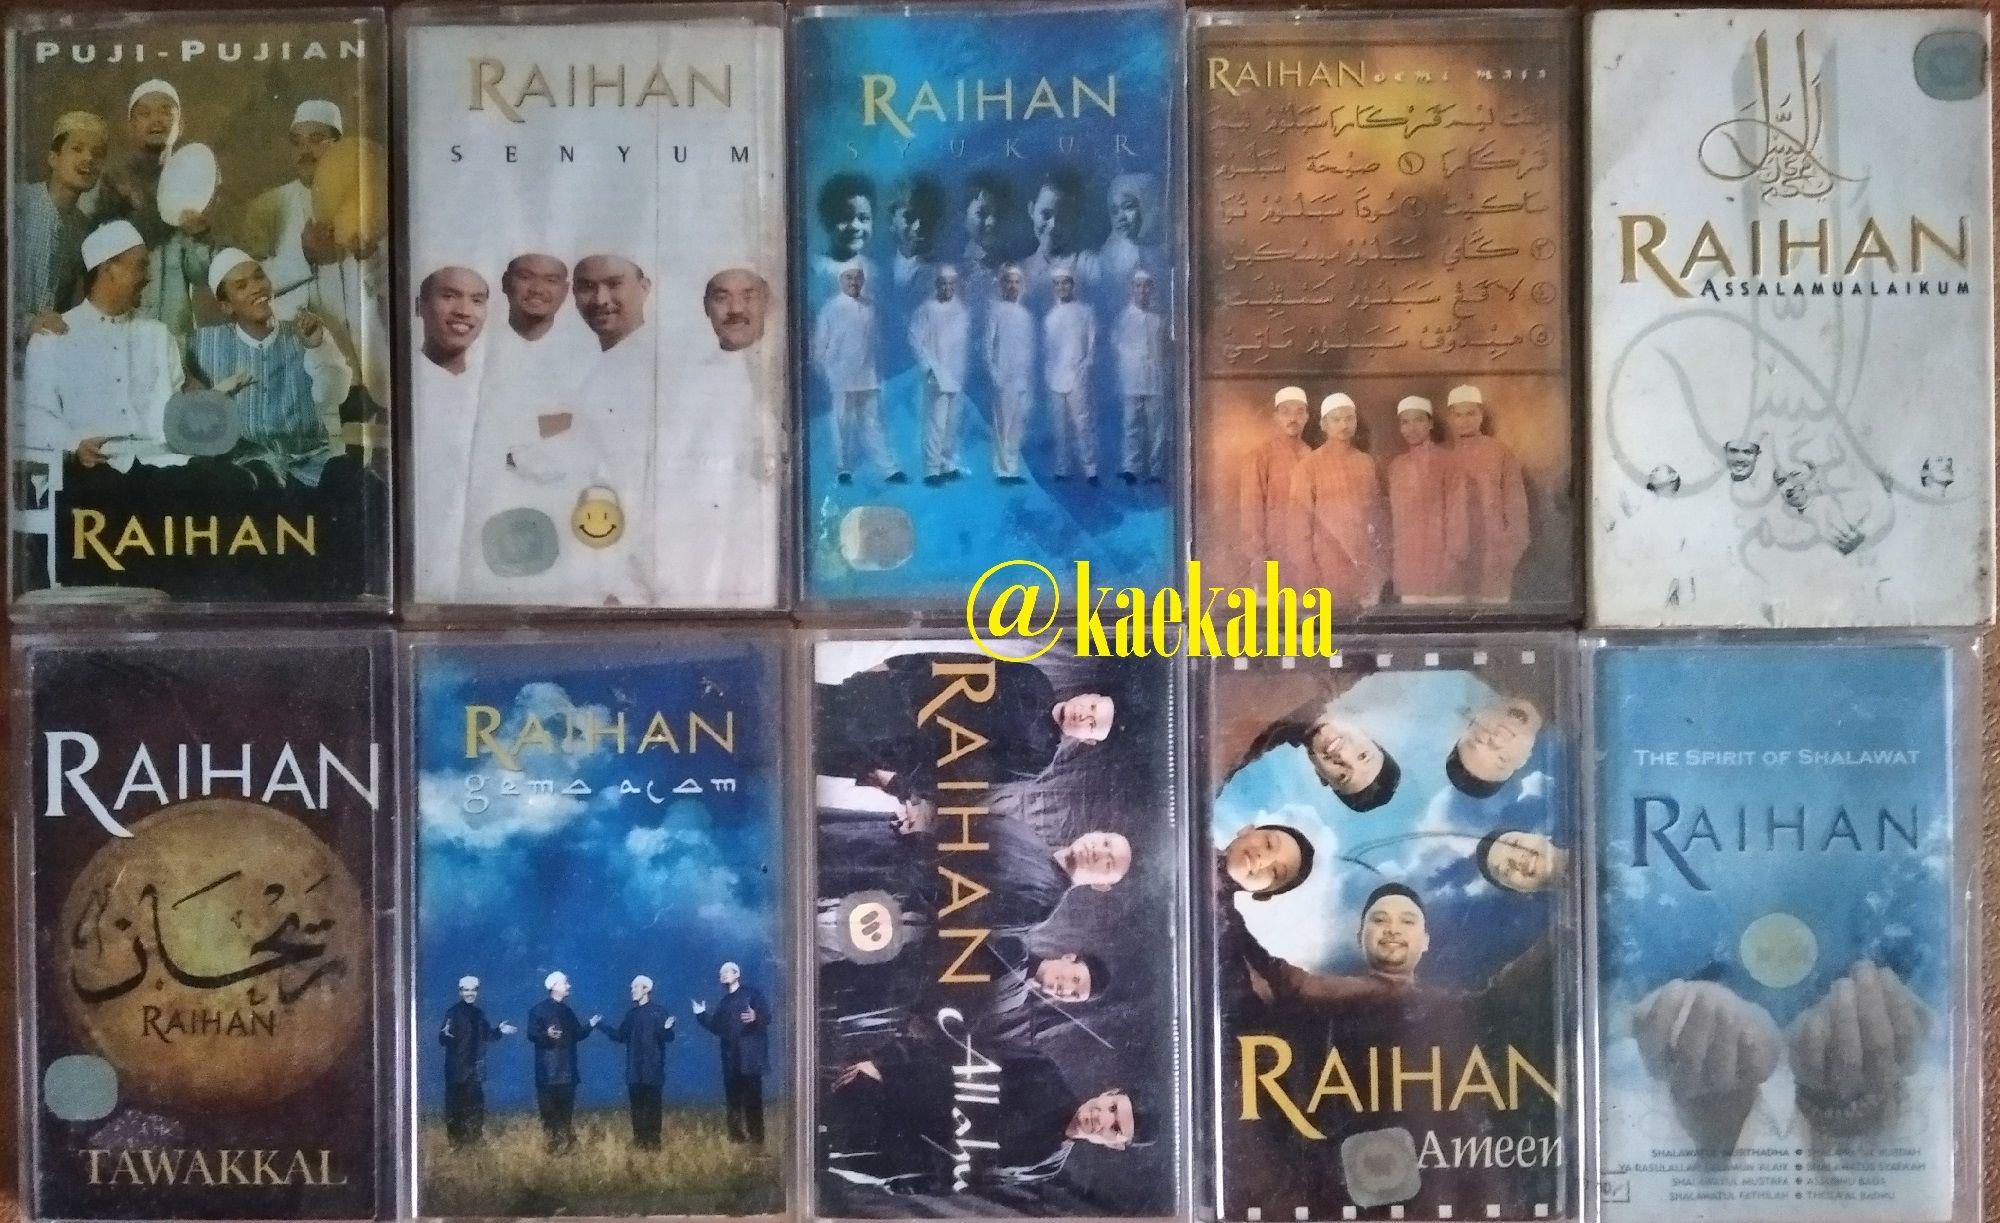 Album Raihan   @kaekaha